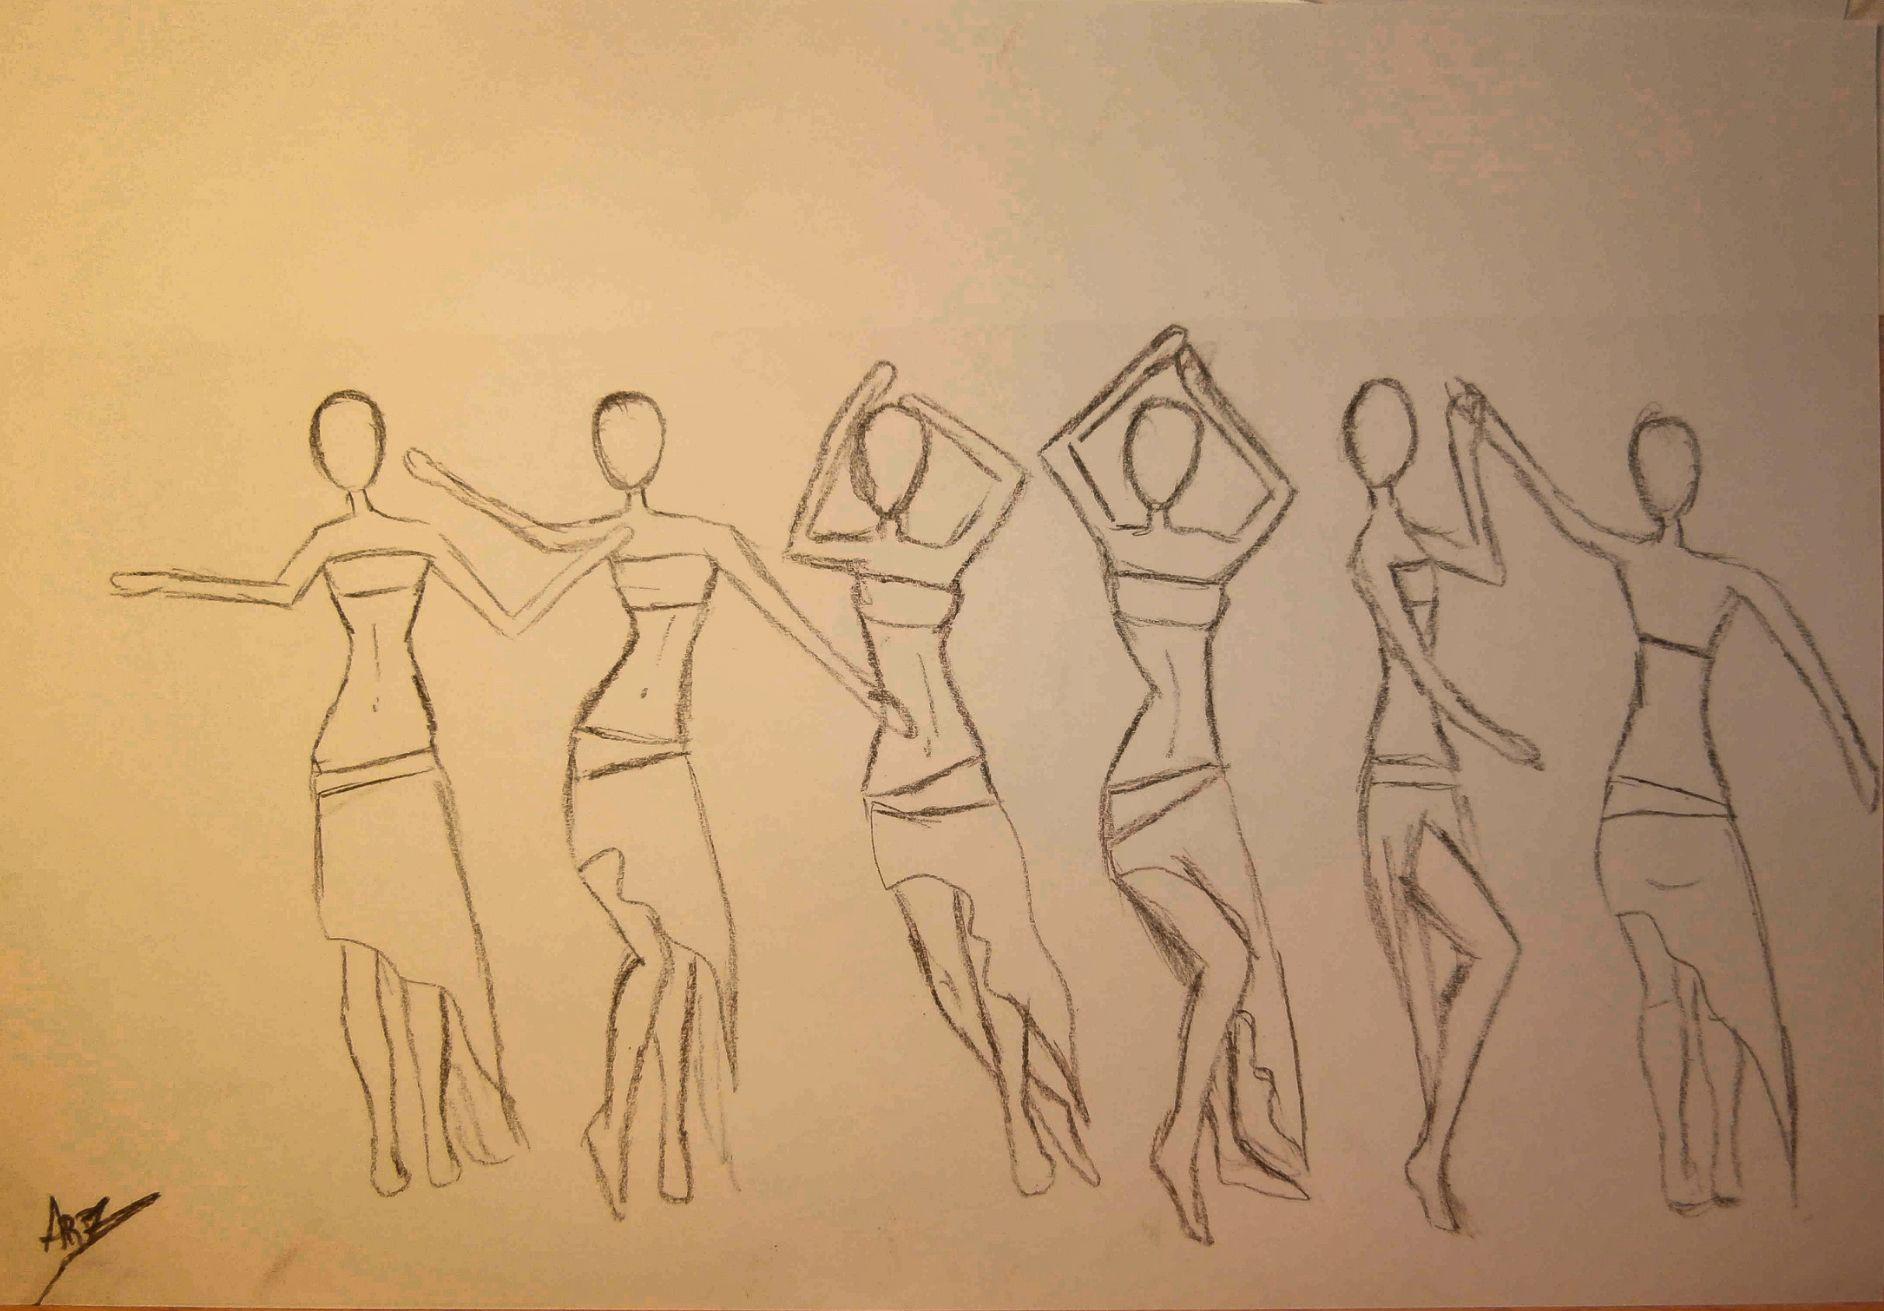 En Este Dibujo He Querido Representar Los Pasos Y Sobretodo Movimientos De Cadera Tan Caracteristicos De Este Baile Como Es La Danza De Art Male Sketch Male